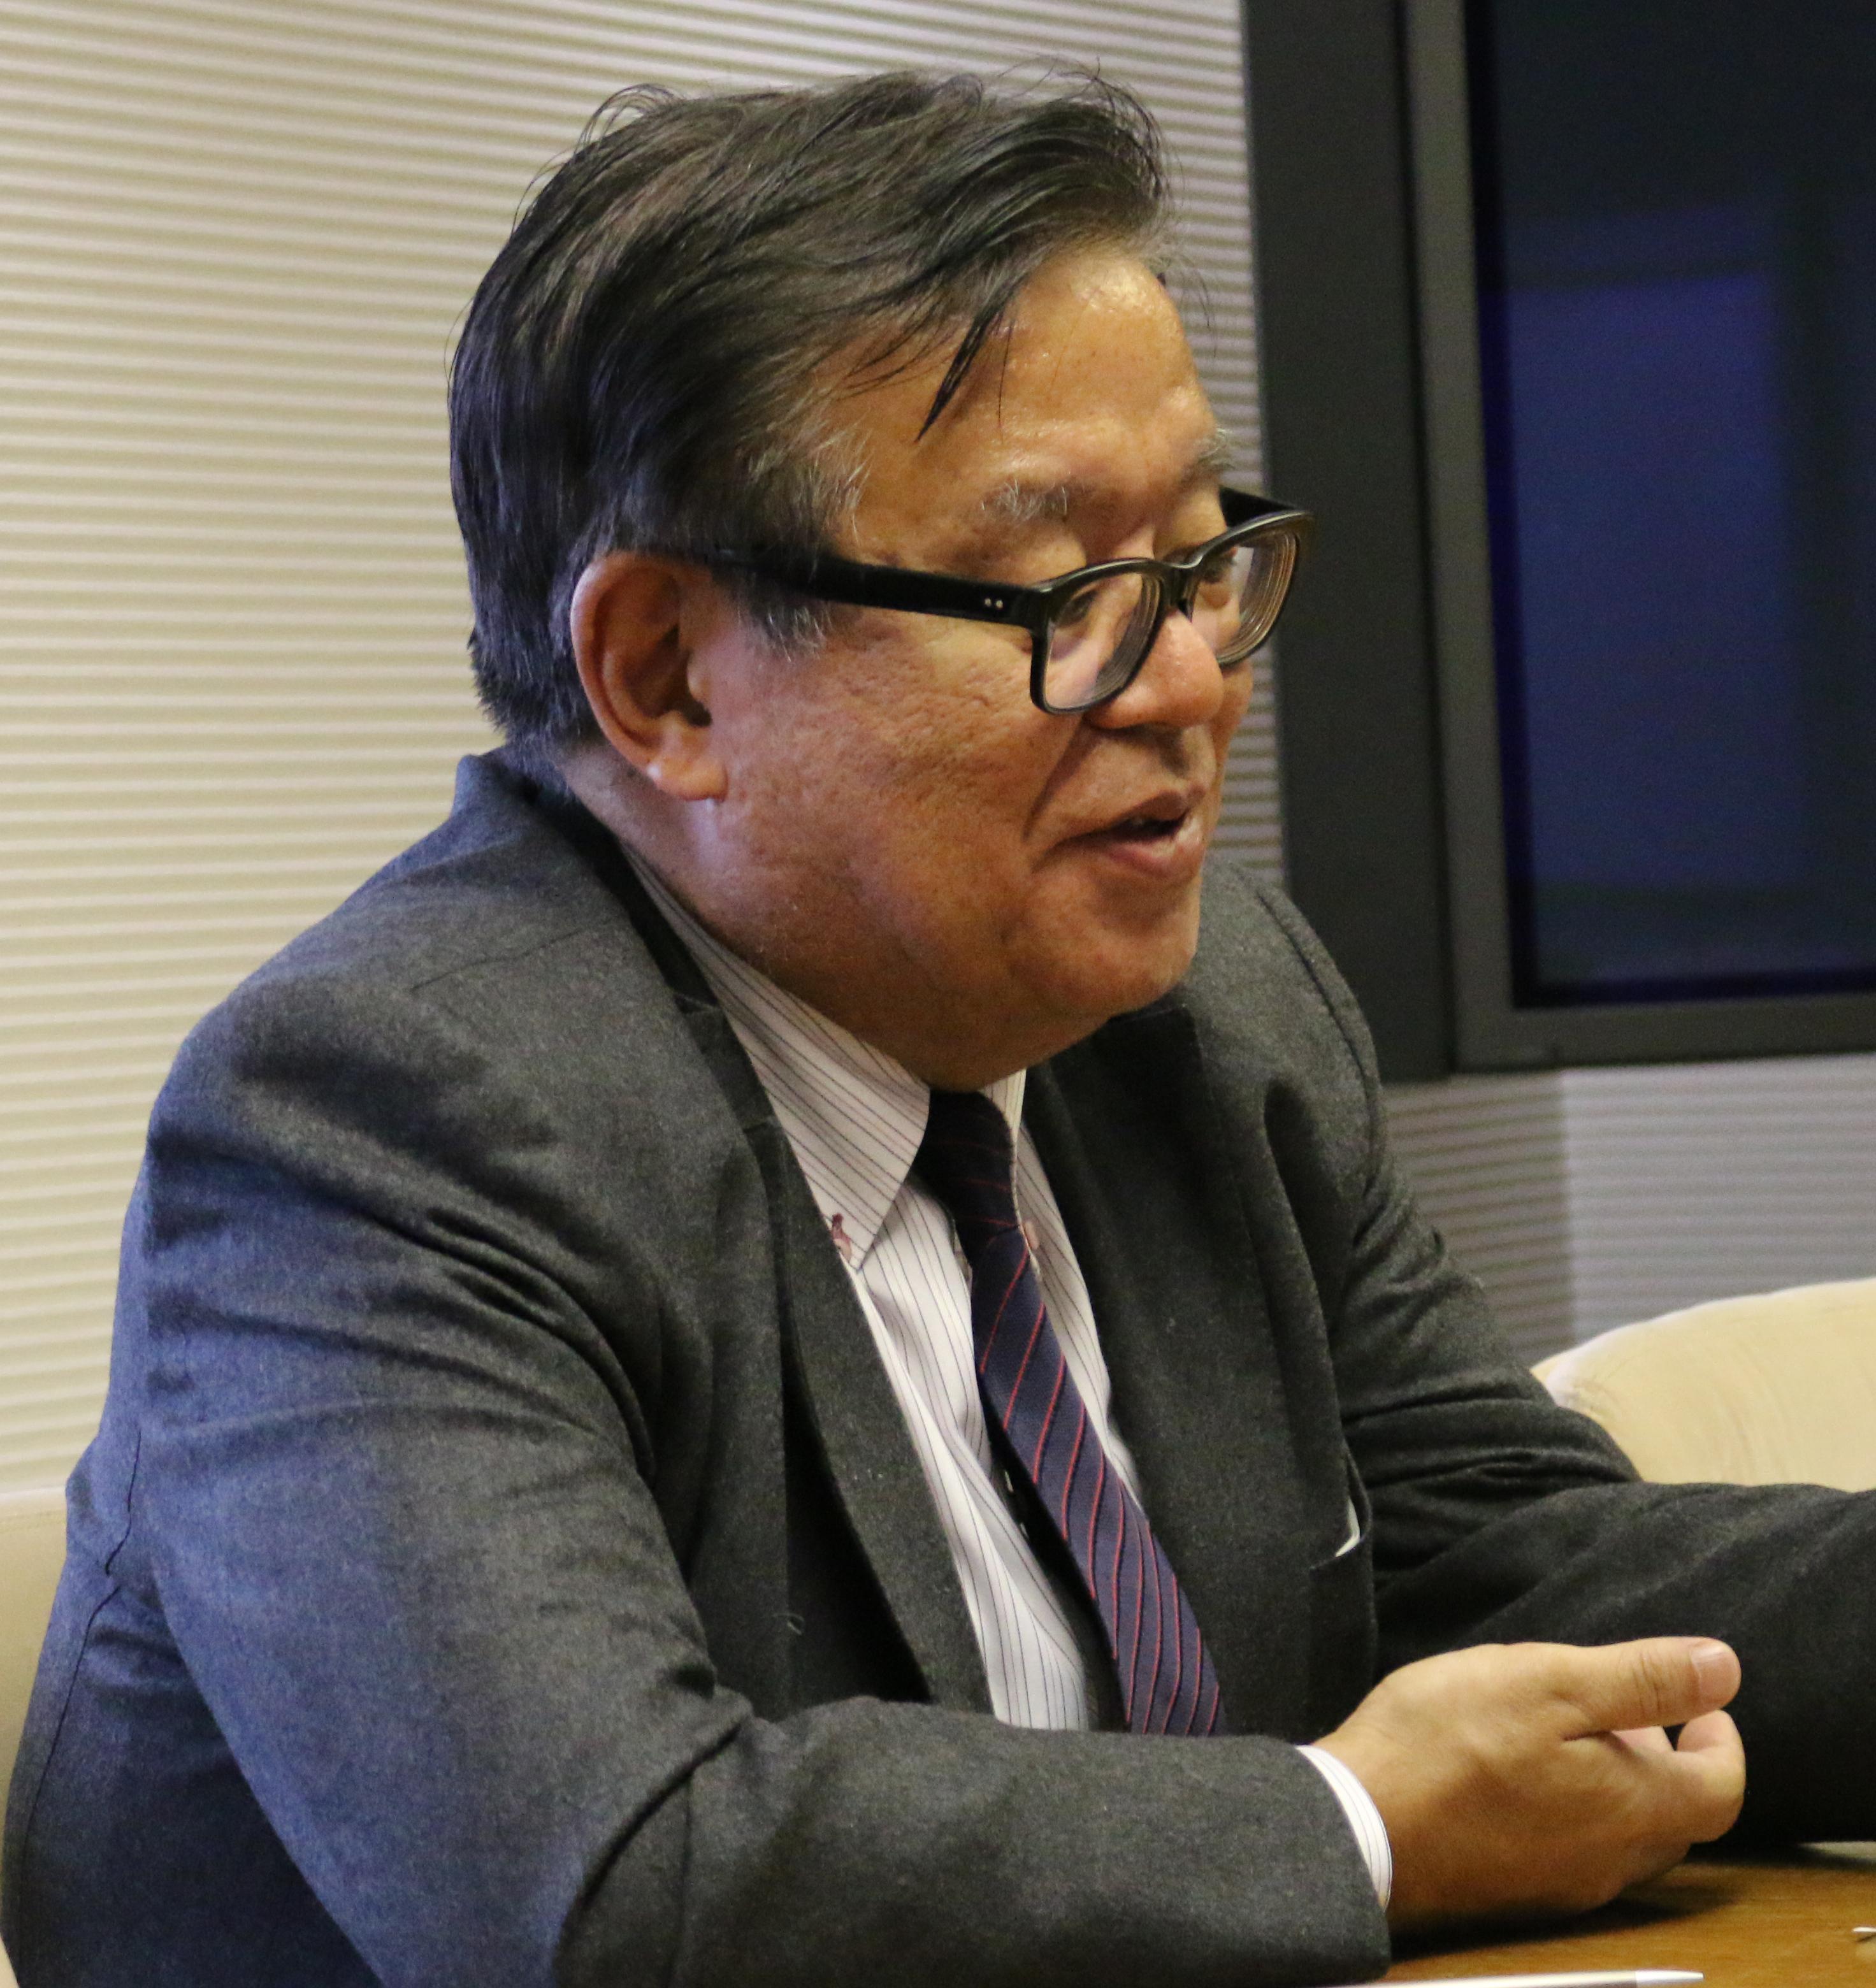 情報入試について語る環境情報学部長の村井純氏